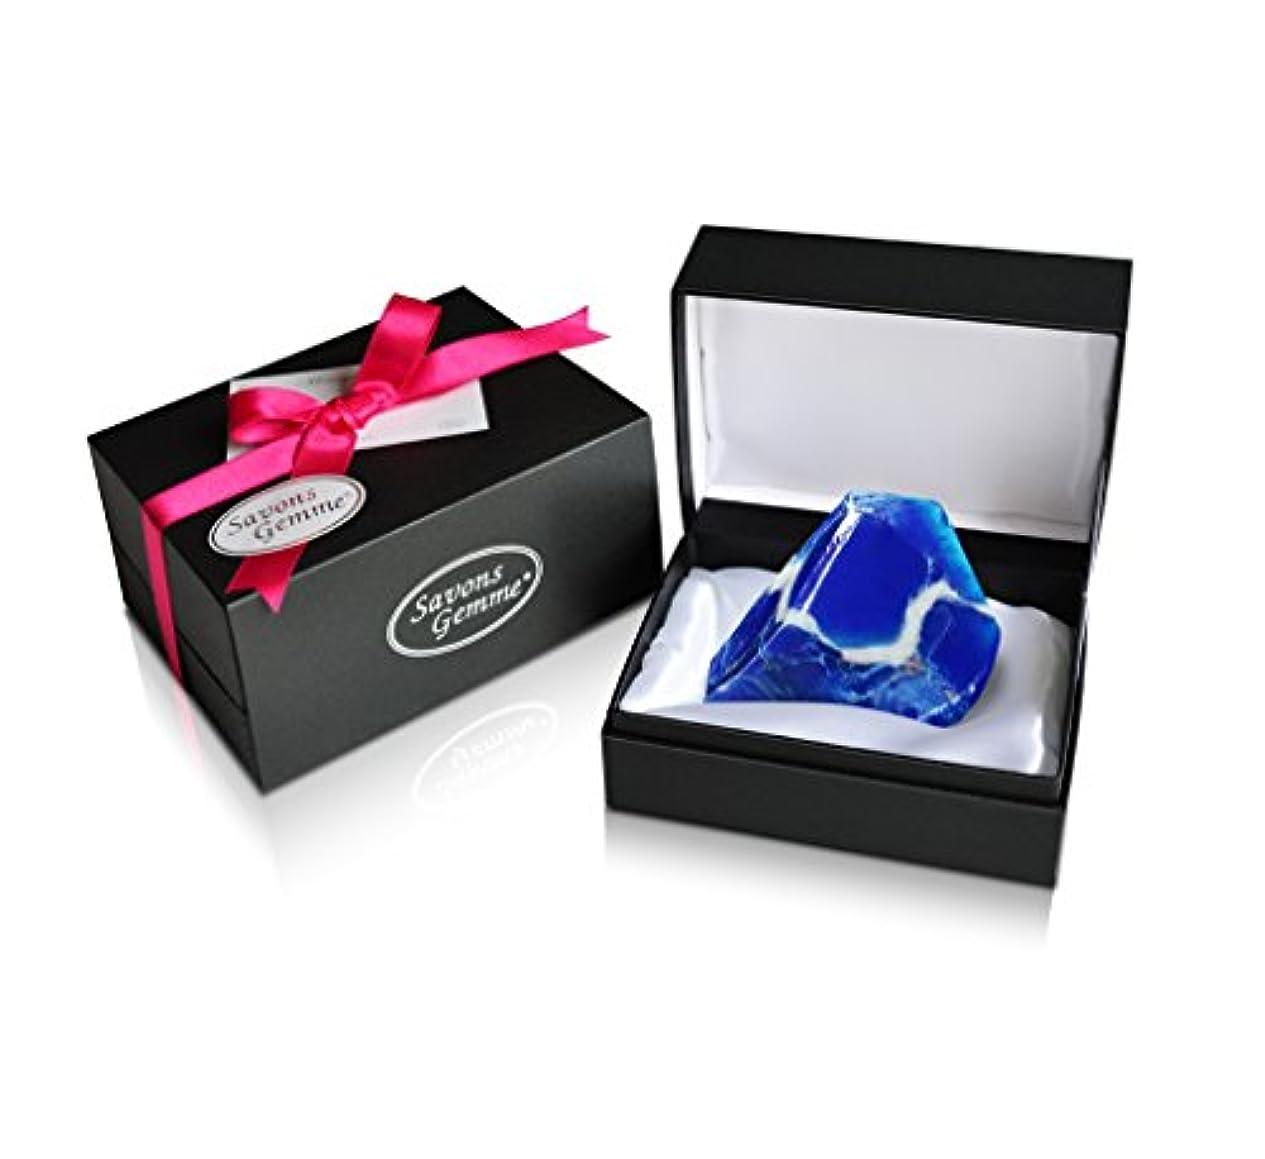 コショウ反逆ドライSavons Gemme サボンジェム ジュエリーギフトボックス 世界で一番美しい宝石石鹸 フレグランス ソープ ラピスラズリィ 170g